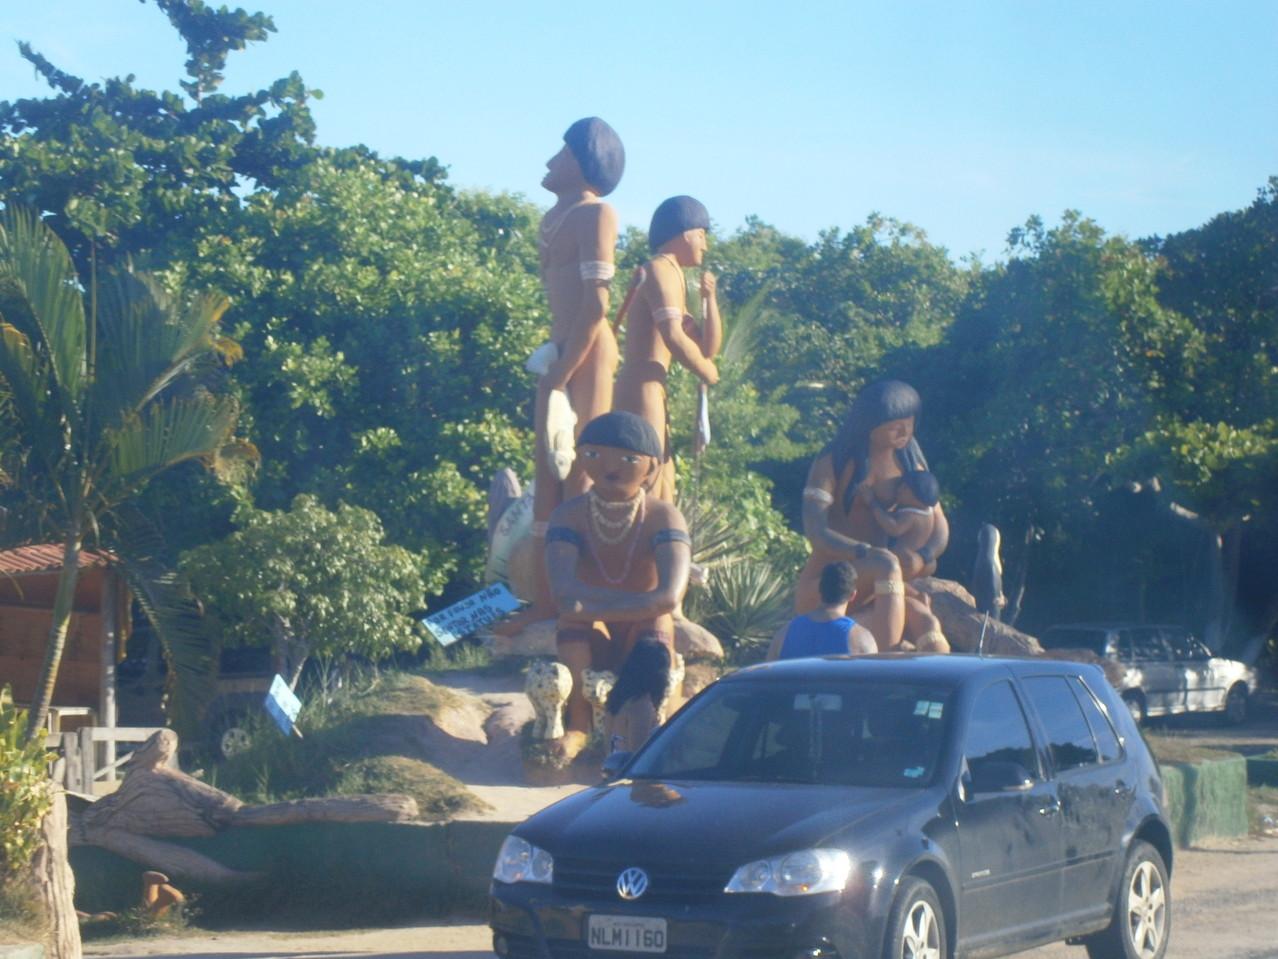 """Monument zur Ehre des Indios, denen Brasilien eigentlich """"gehört"""""""